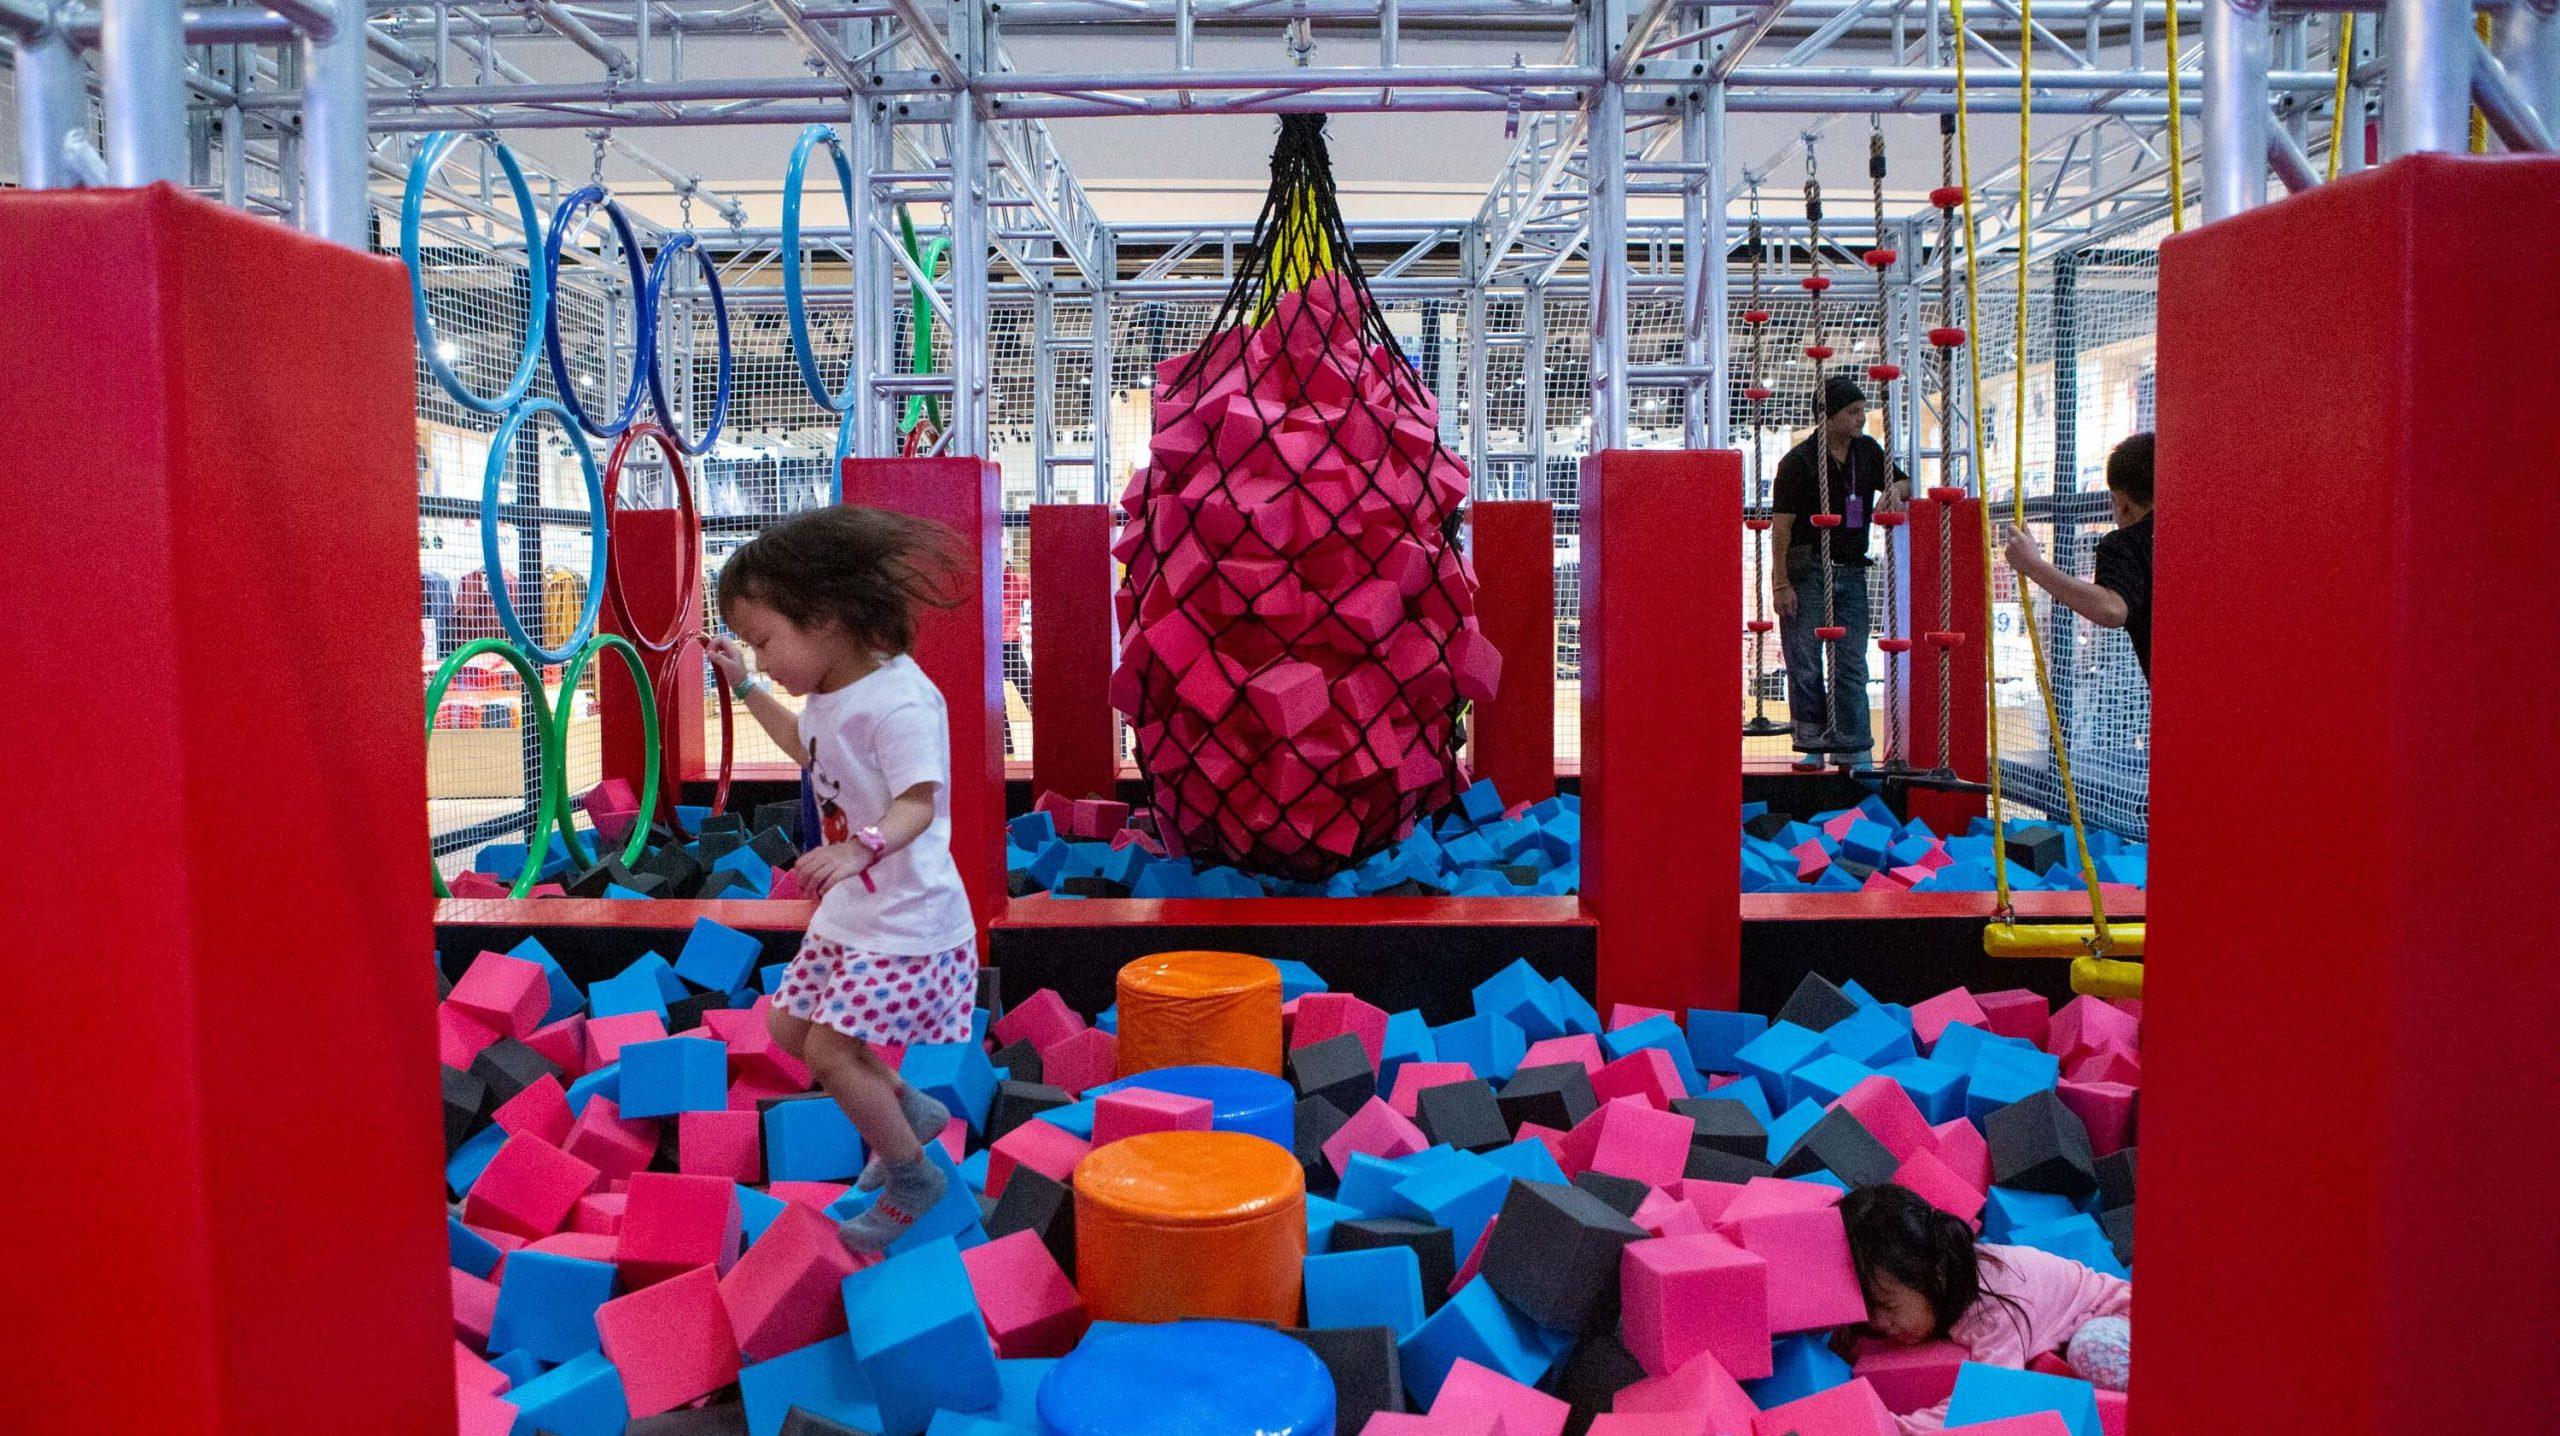 สวนสนุก สวนสนุกติดแอร์ เครื่องเป่าลม เครื่องเล่น เครื่องเล่นครอบครัว เครื่องเล่นเด็ก แน็ค